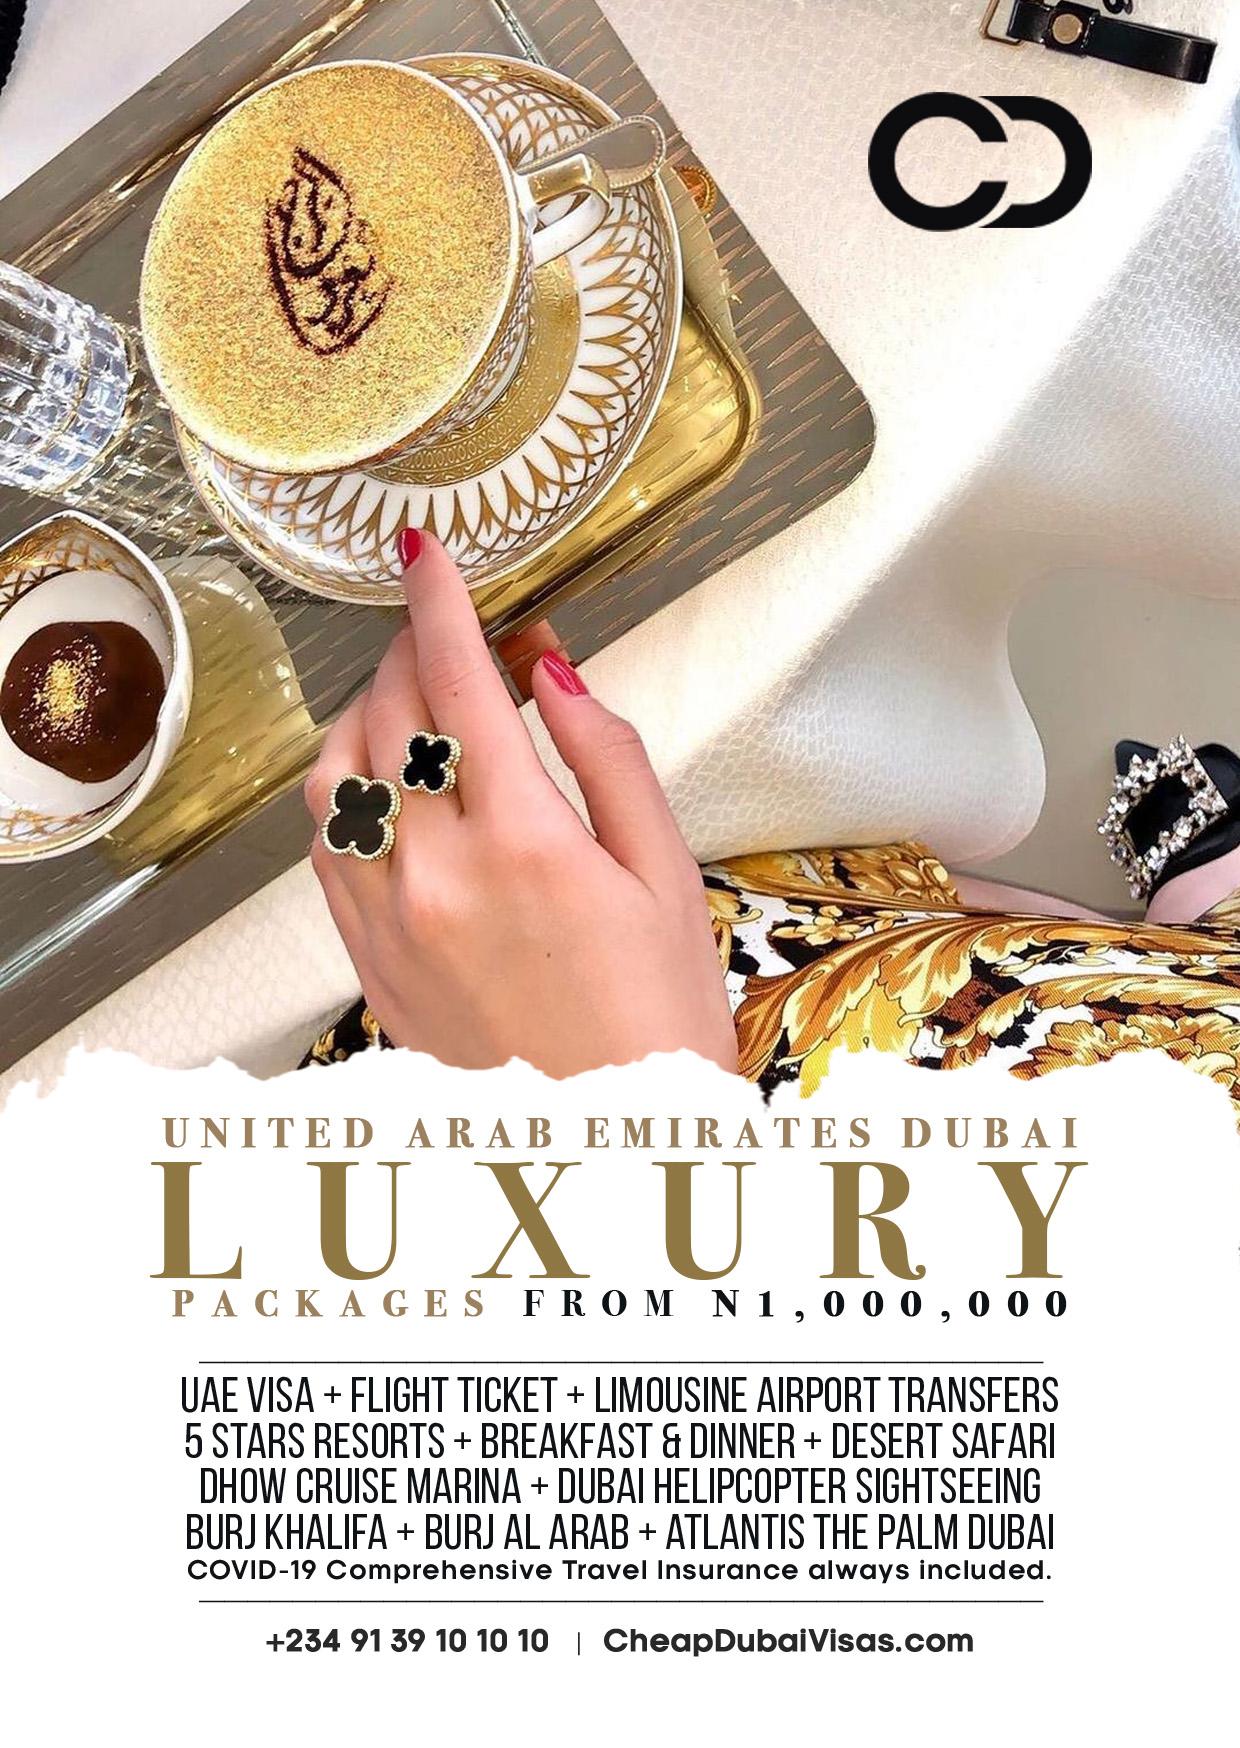 Dubai Luxury Packages Cheap Dubai Packages a Cheap Dubai Visas